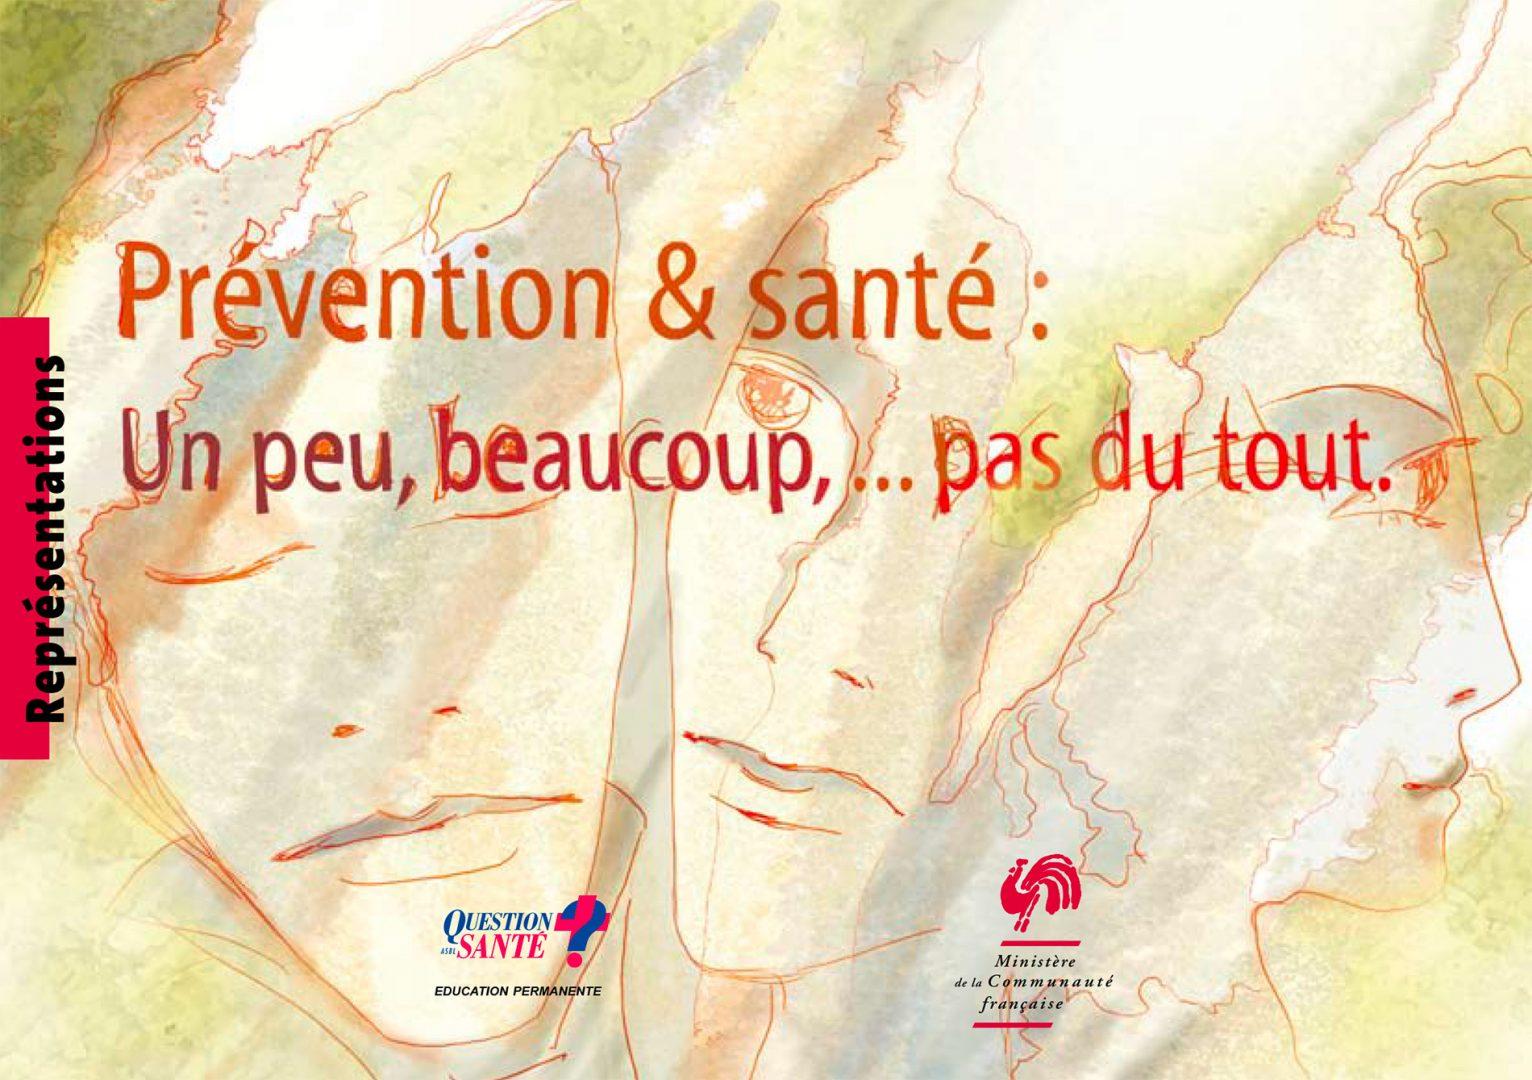 20110622 Img Preventionsante Bd Vf